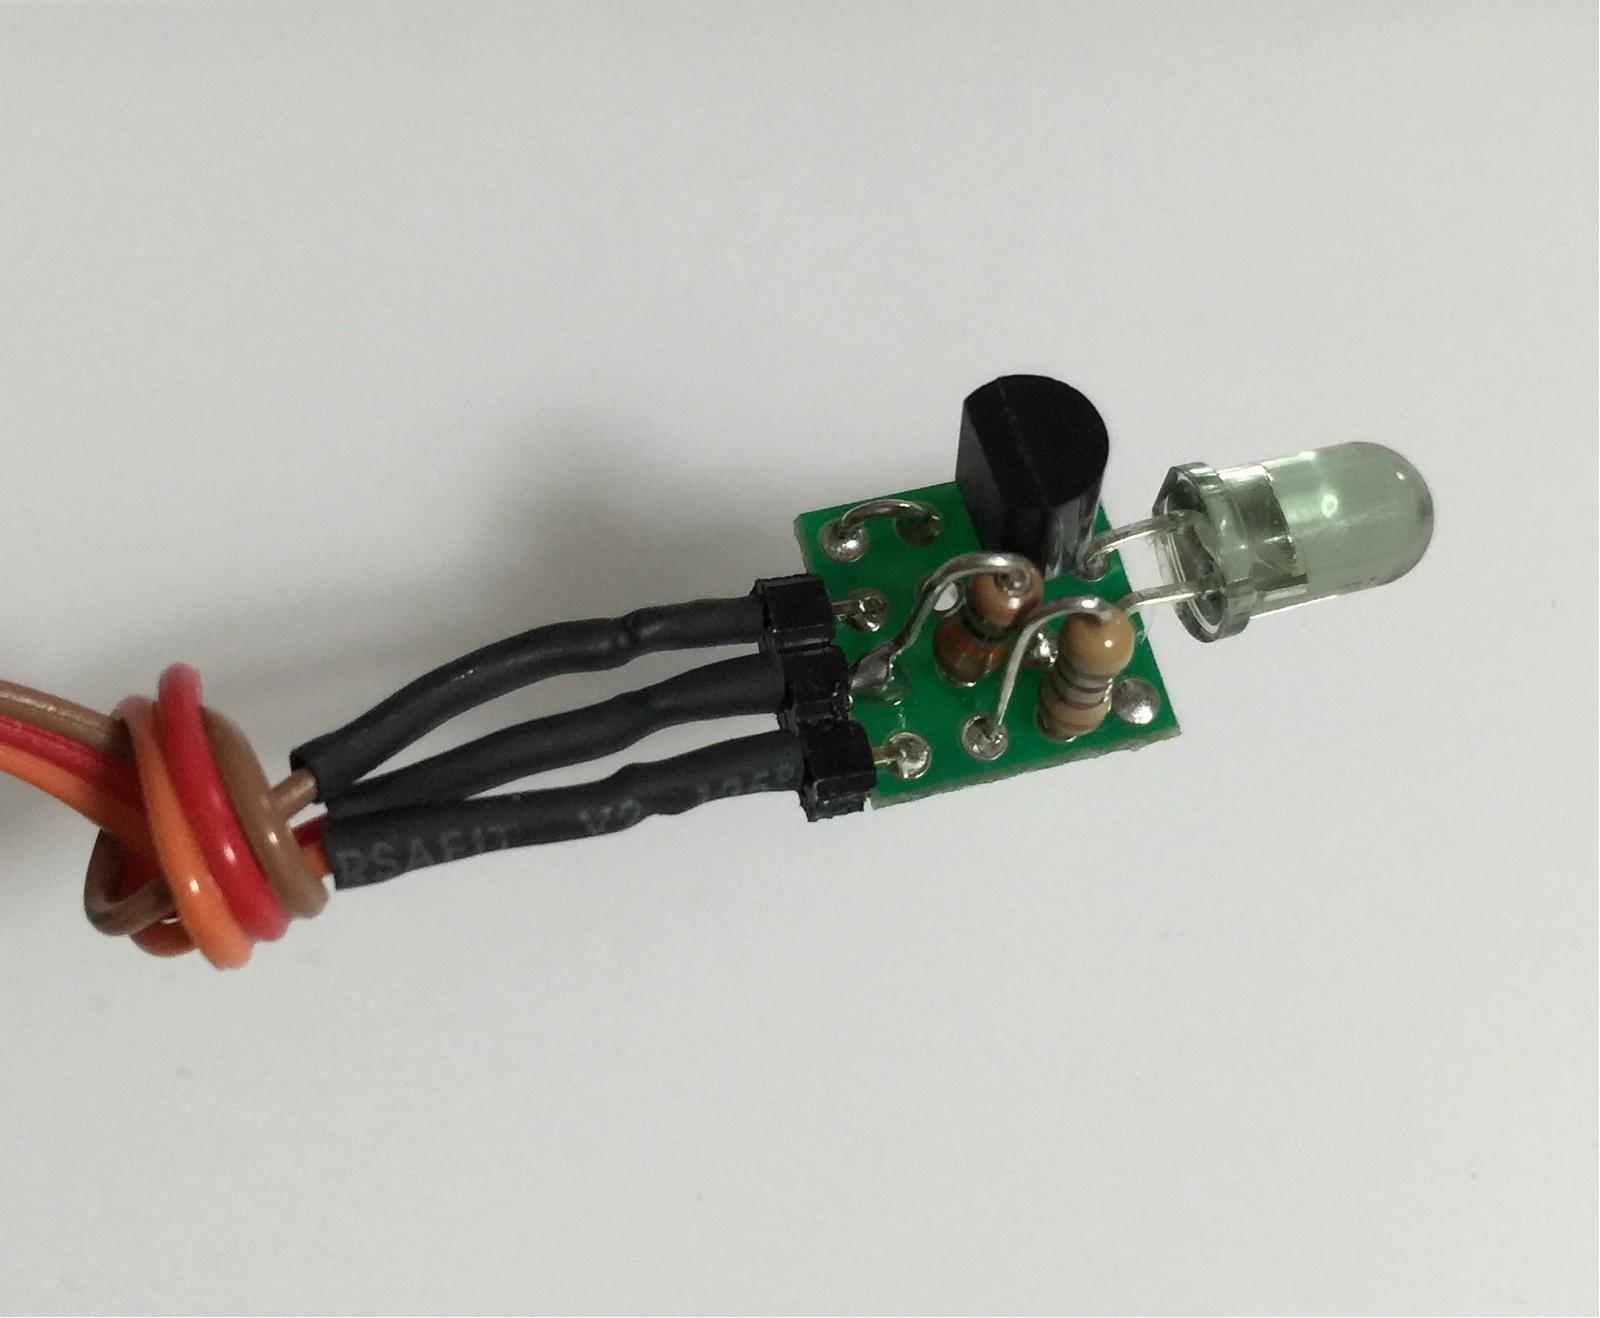 赤外線LEDをトランジスタで点滅させる回路の実装(表面)